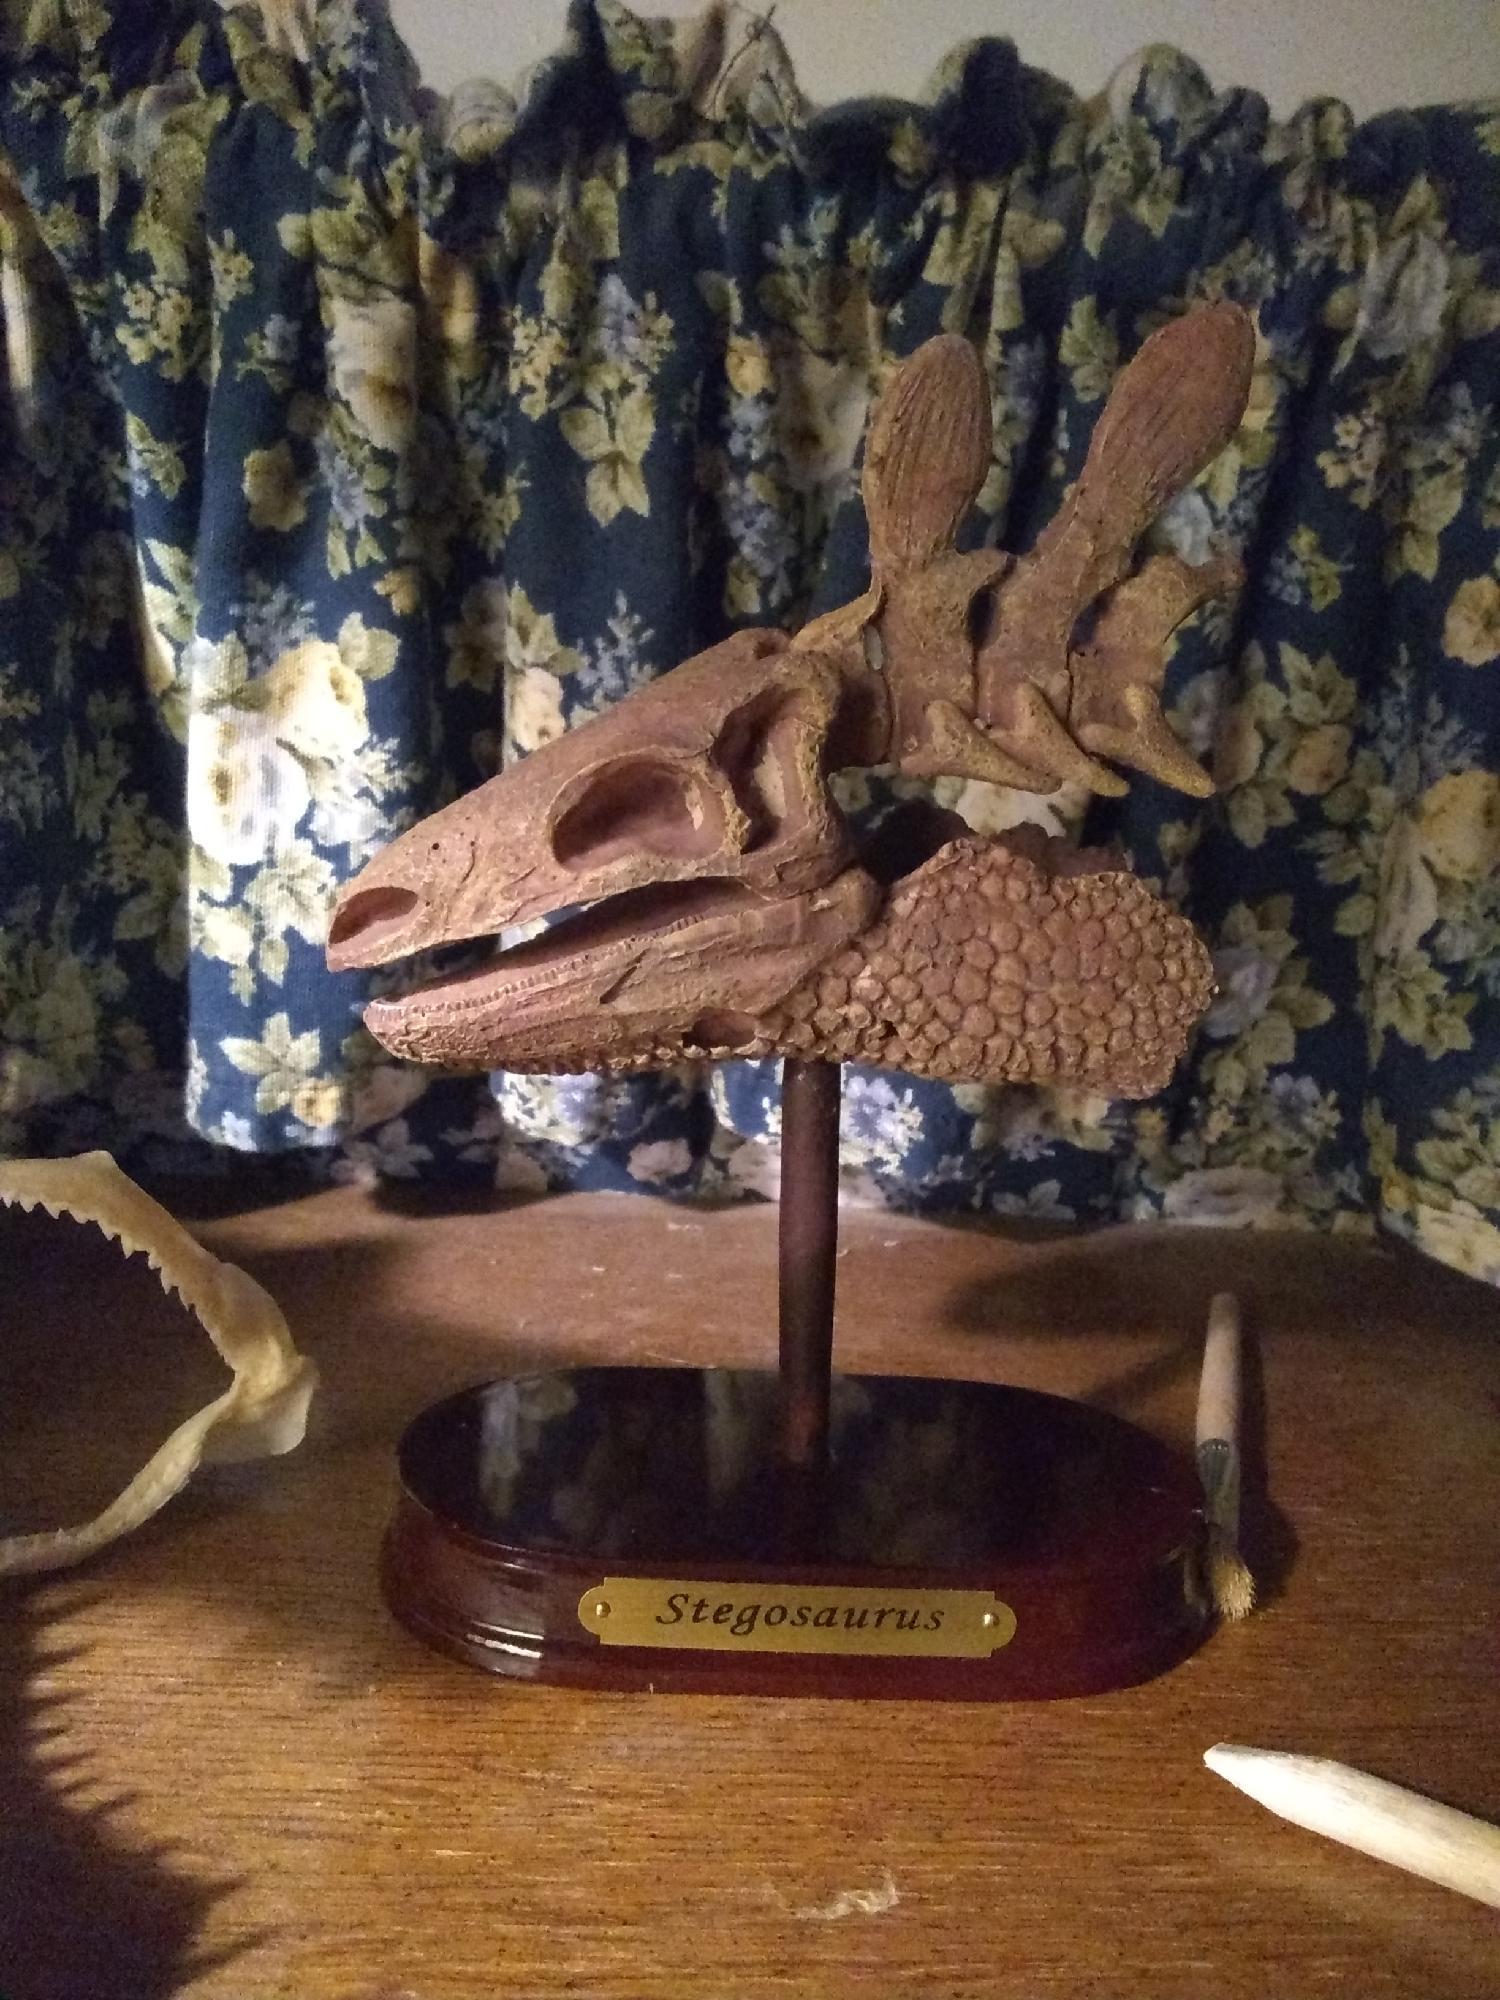 Stegosaurus skull